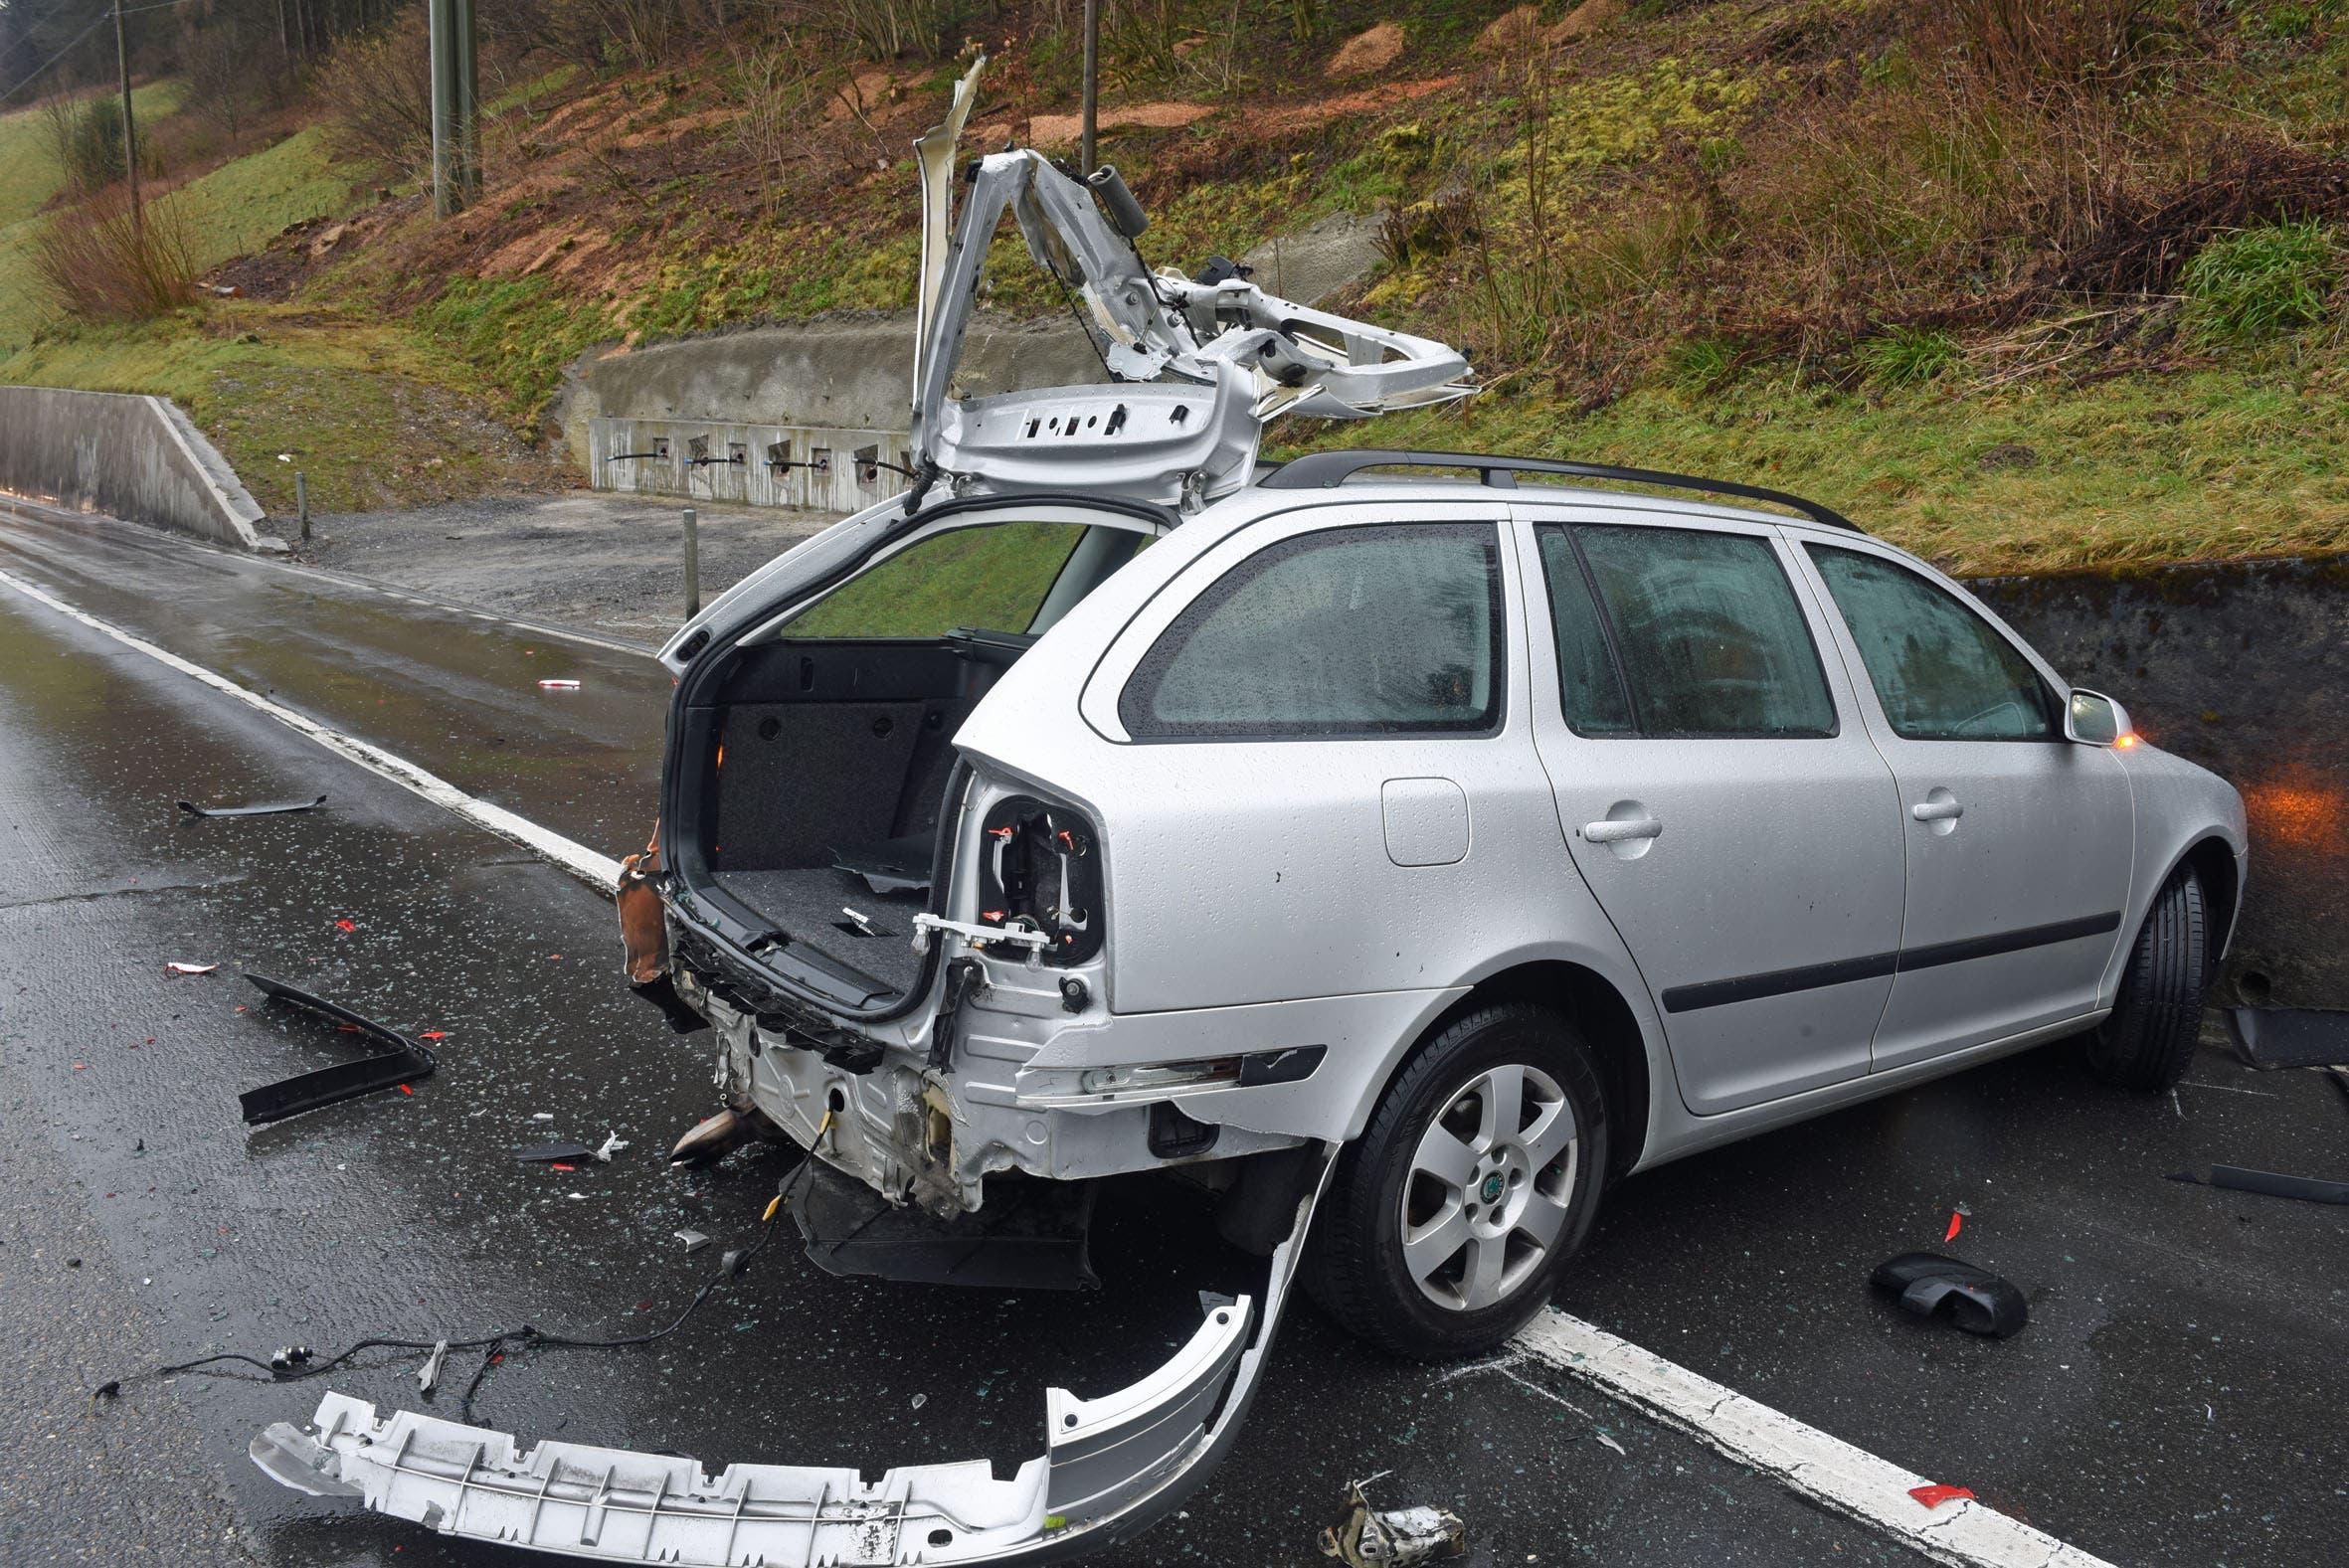 In einer Rechtskurve brach das Heck des Personenwagens aus.